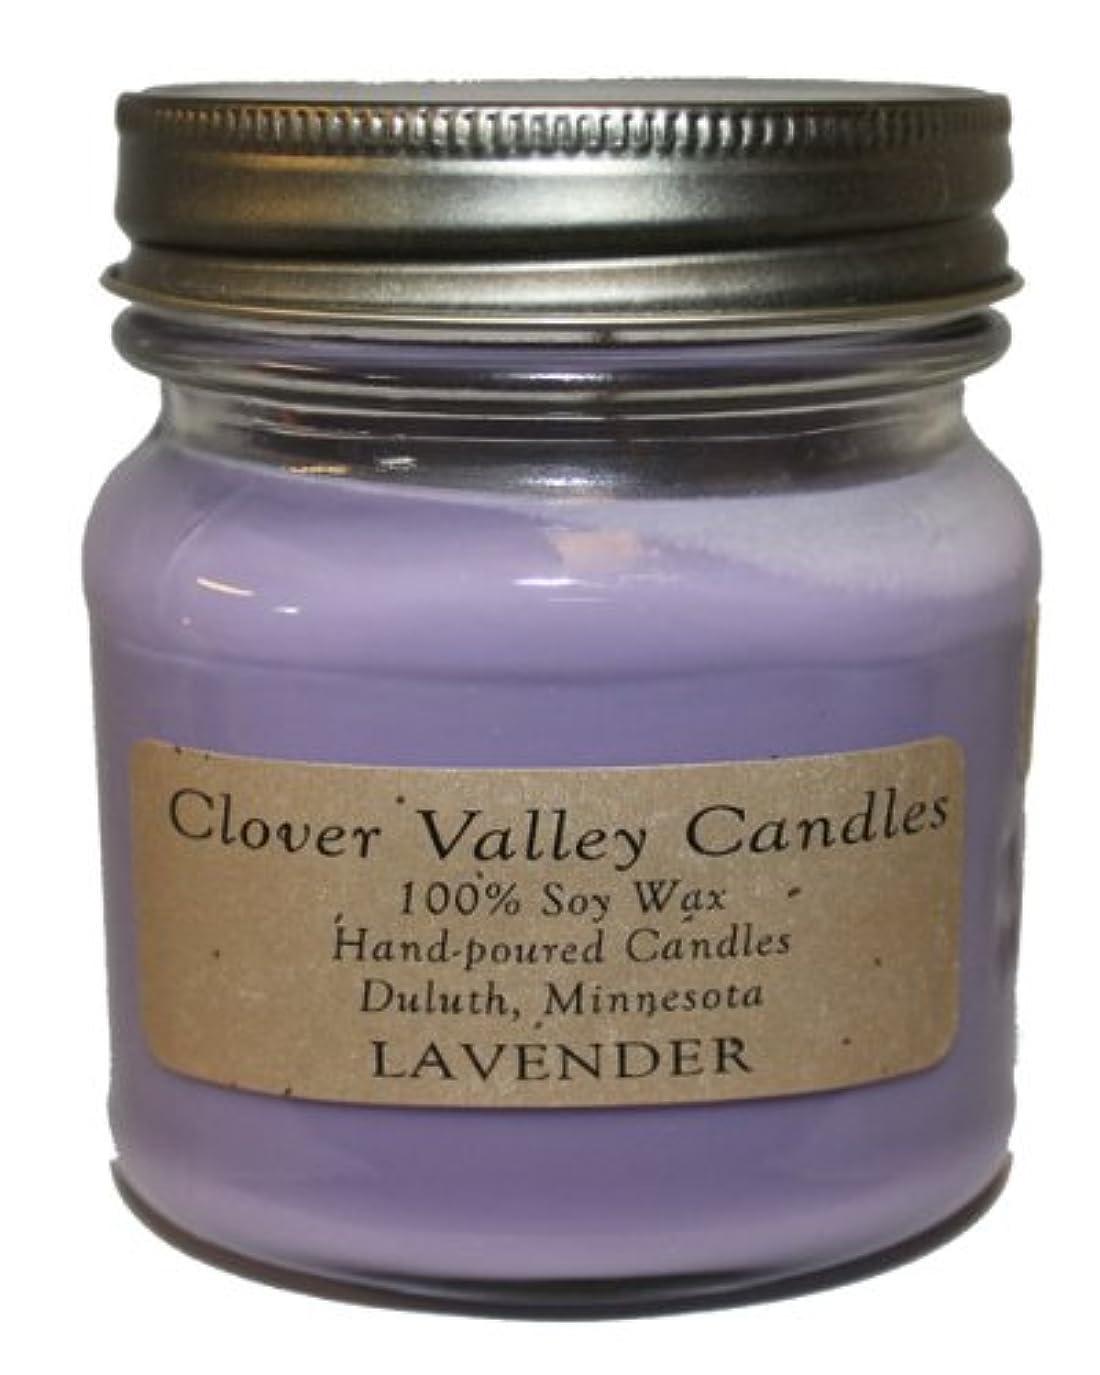 テメリティ出来事繊維ラベンダーHalf Pint Scented Candle byクローバーValleyキャンドル